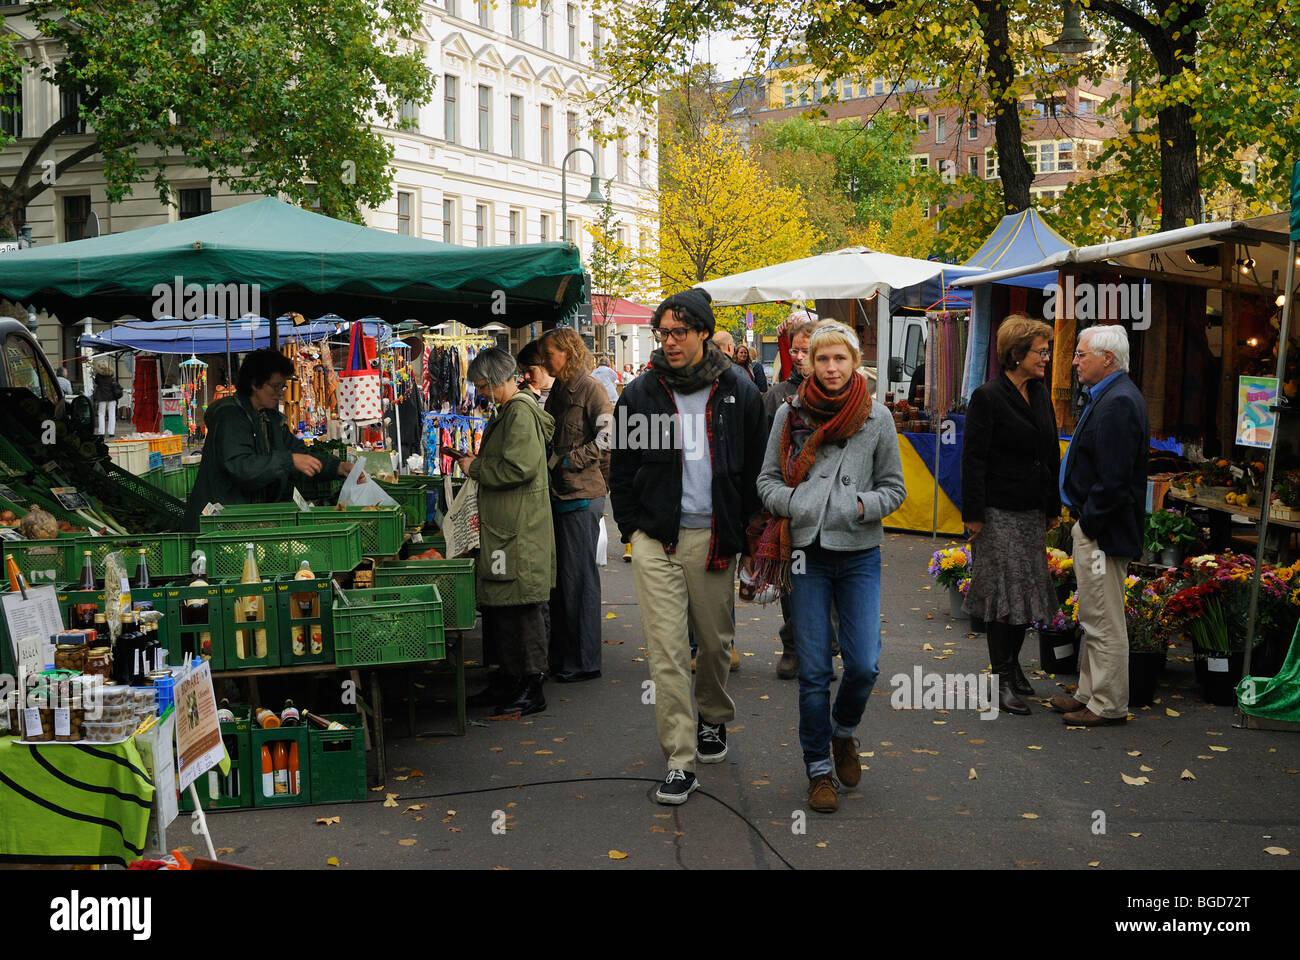 Berlin. Germany. Eco-market, market on Kollwitzplatz in Prenzlauer Berg district, Berlin, Germany, Europe. - Stock Image